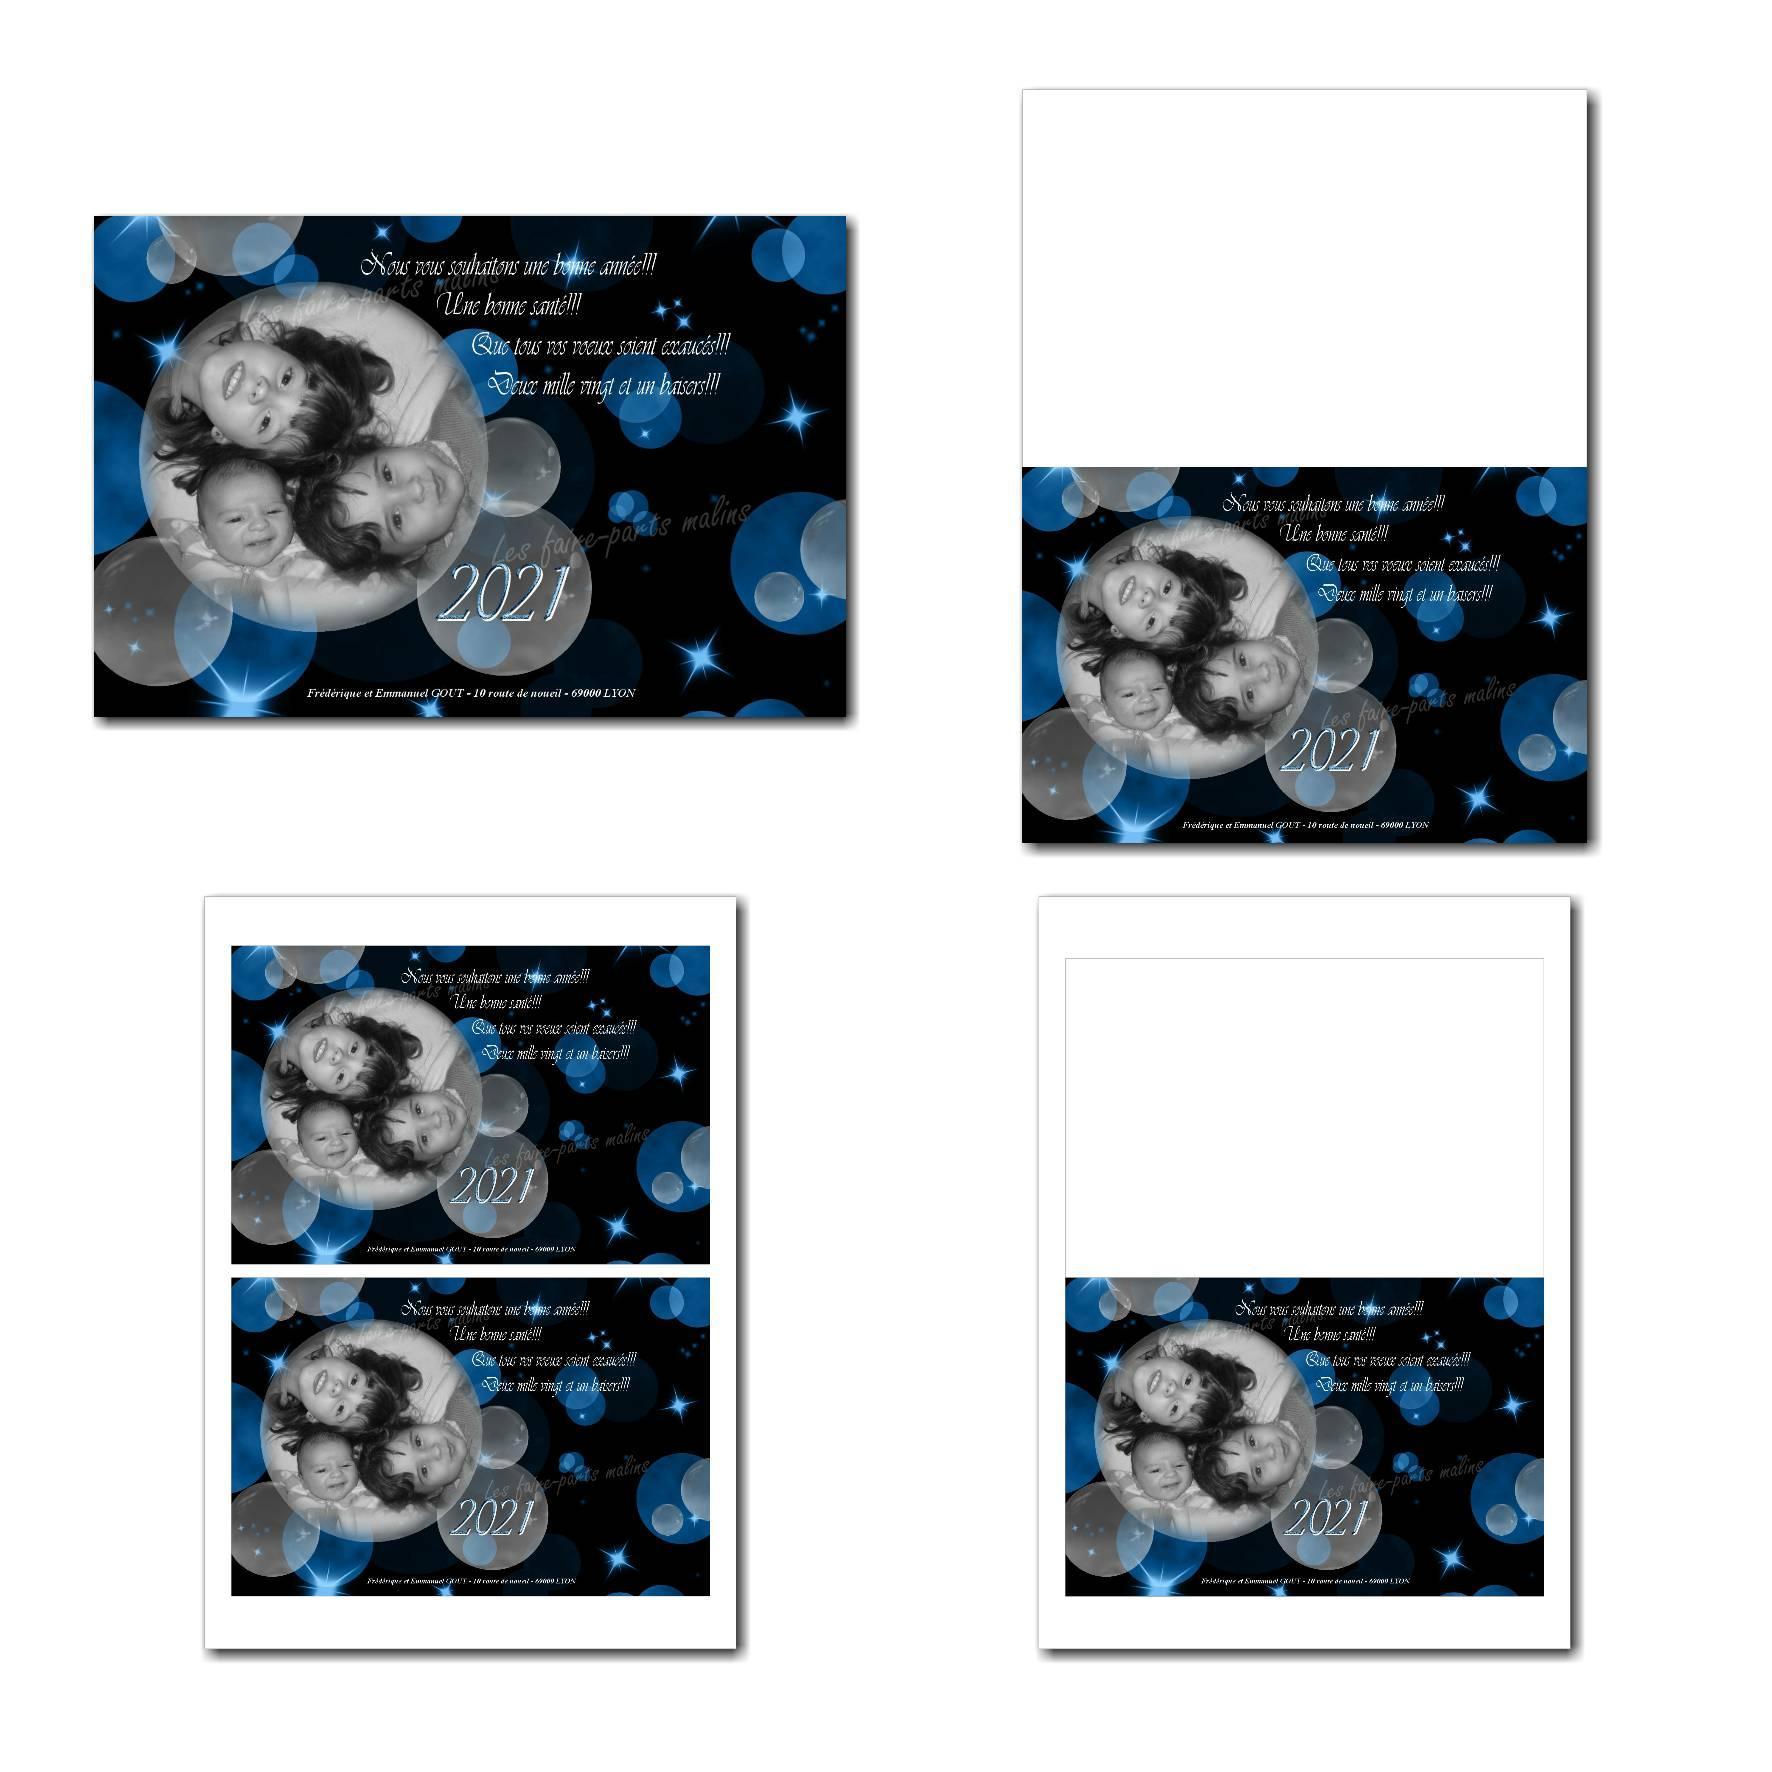 carte de voeux à imprimer avec bulles bleues sur fond sombre